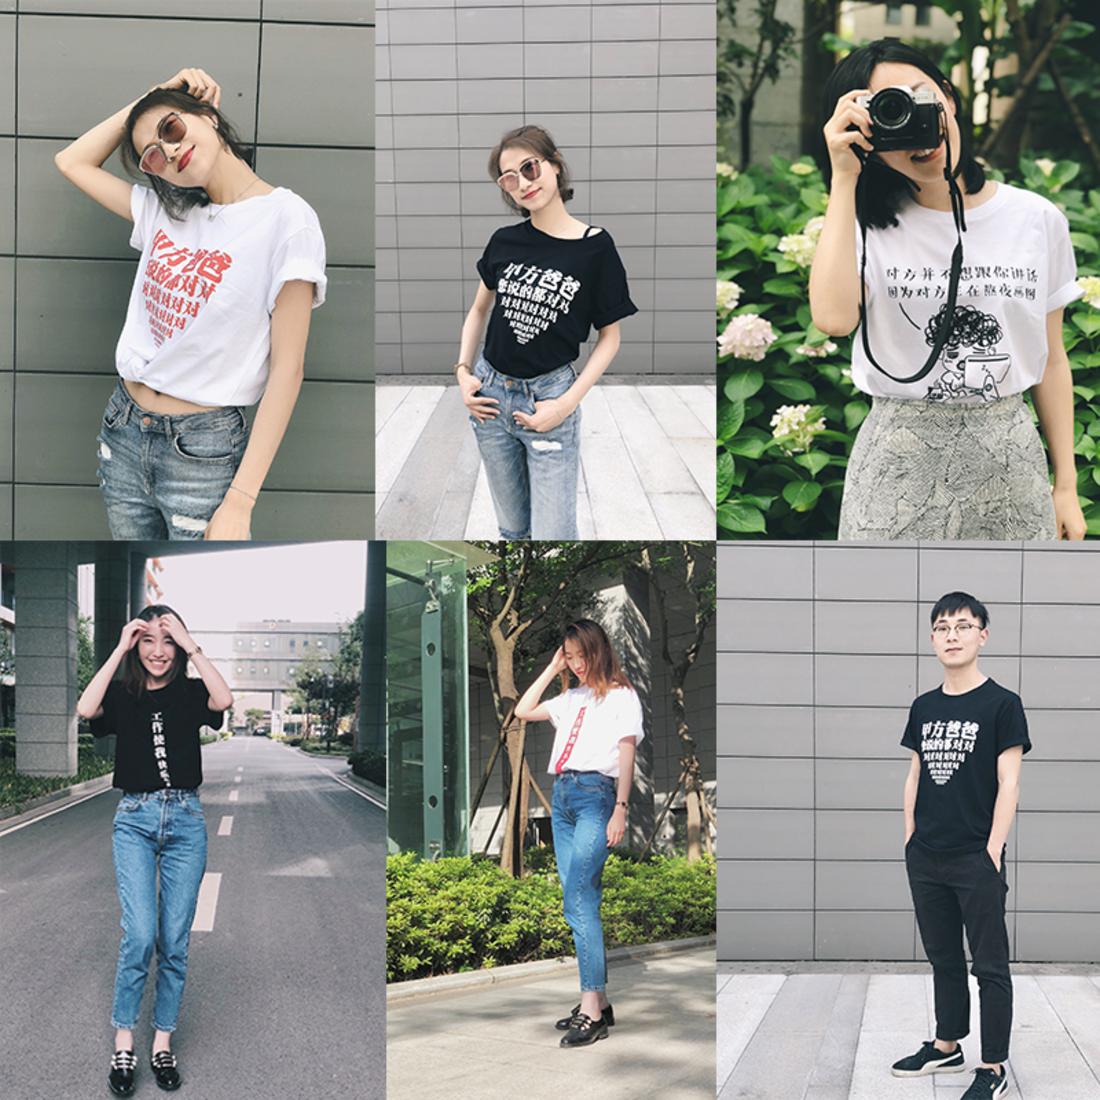 【限量500件】建E网独家定制--设计师夏日必备的3件T恤